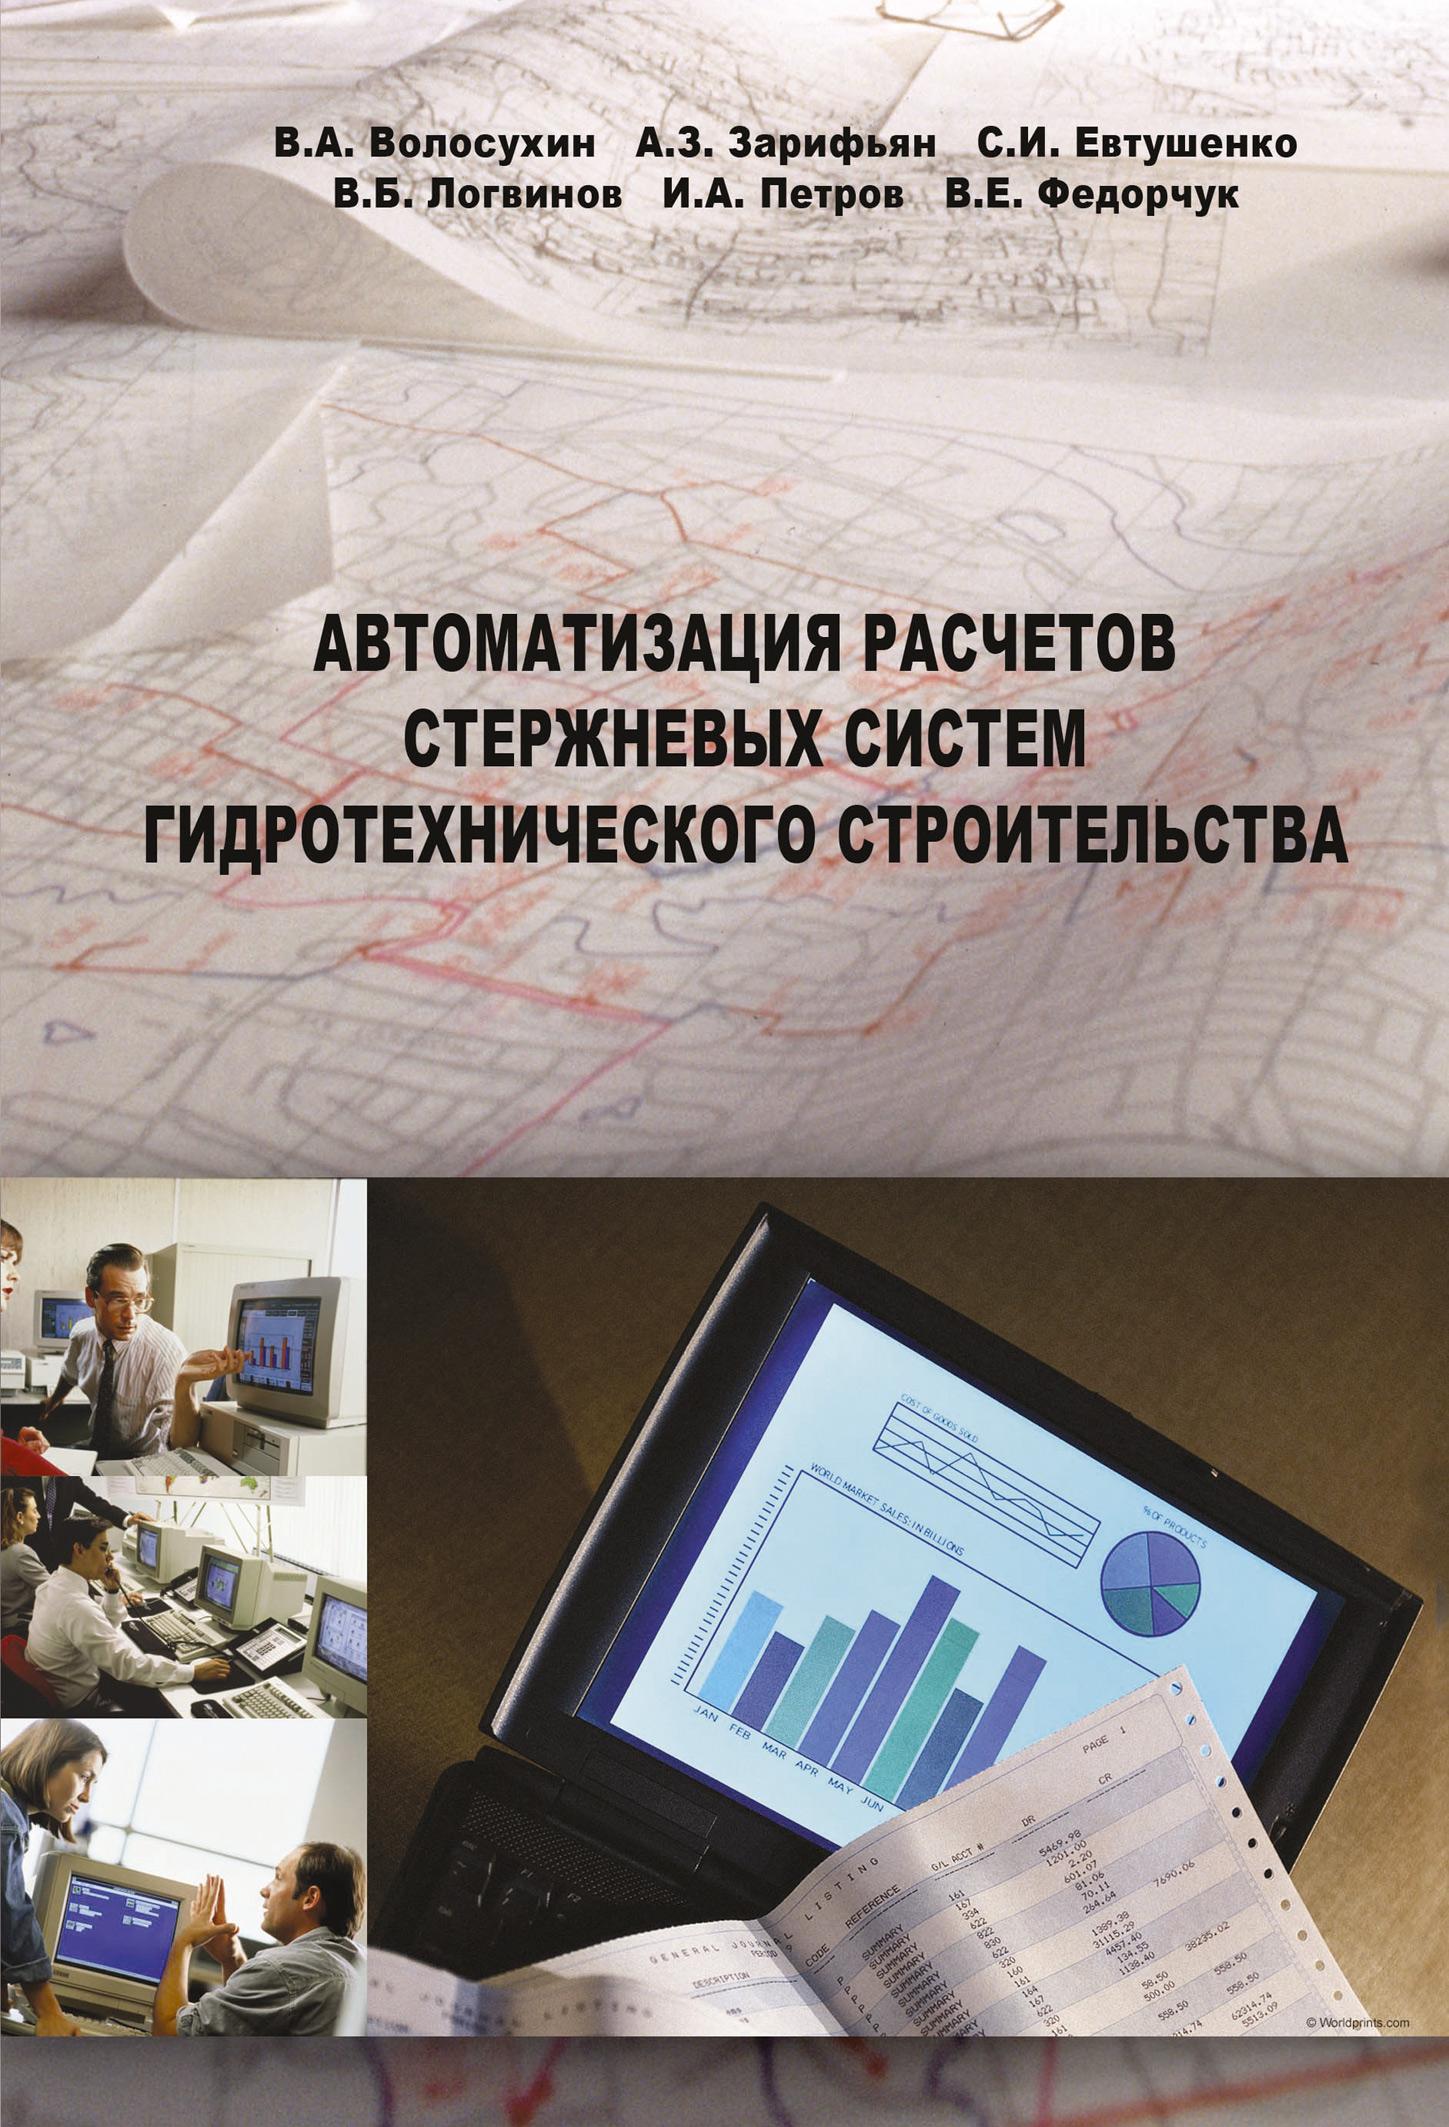 В. Б. Логвинов Автоматизация расчетов стержневых систем гидротехнического строительства